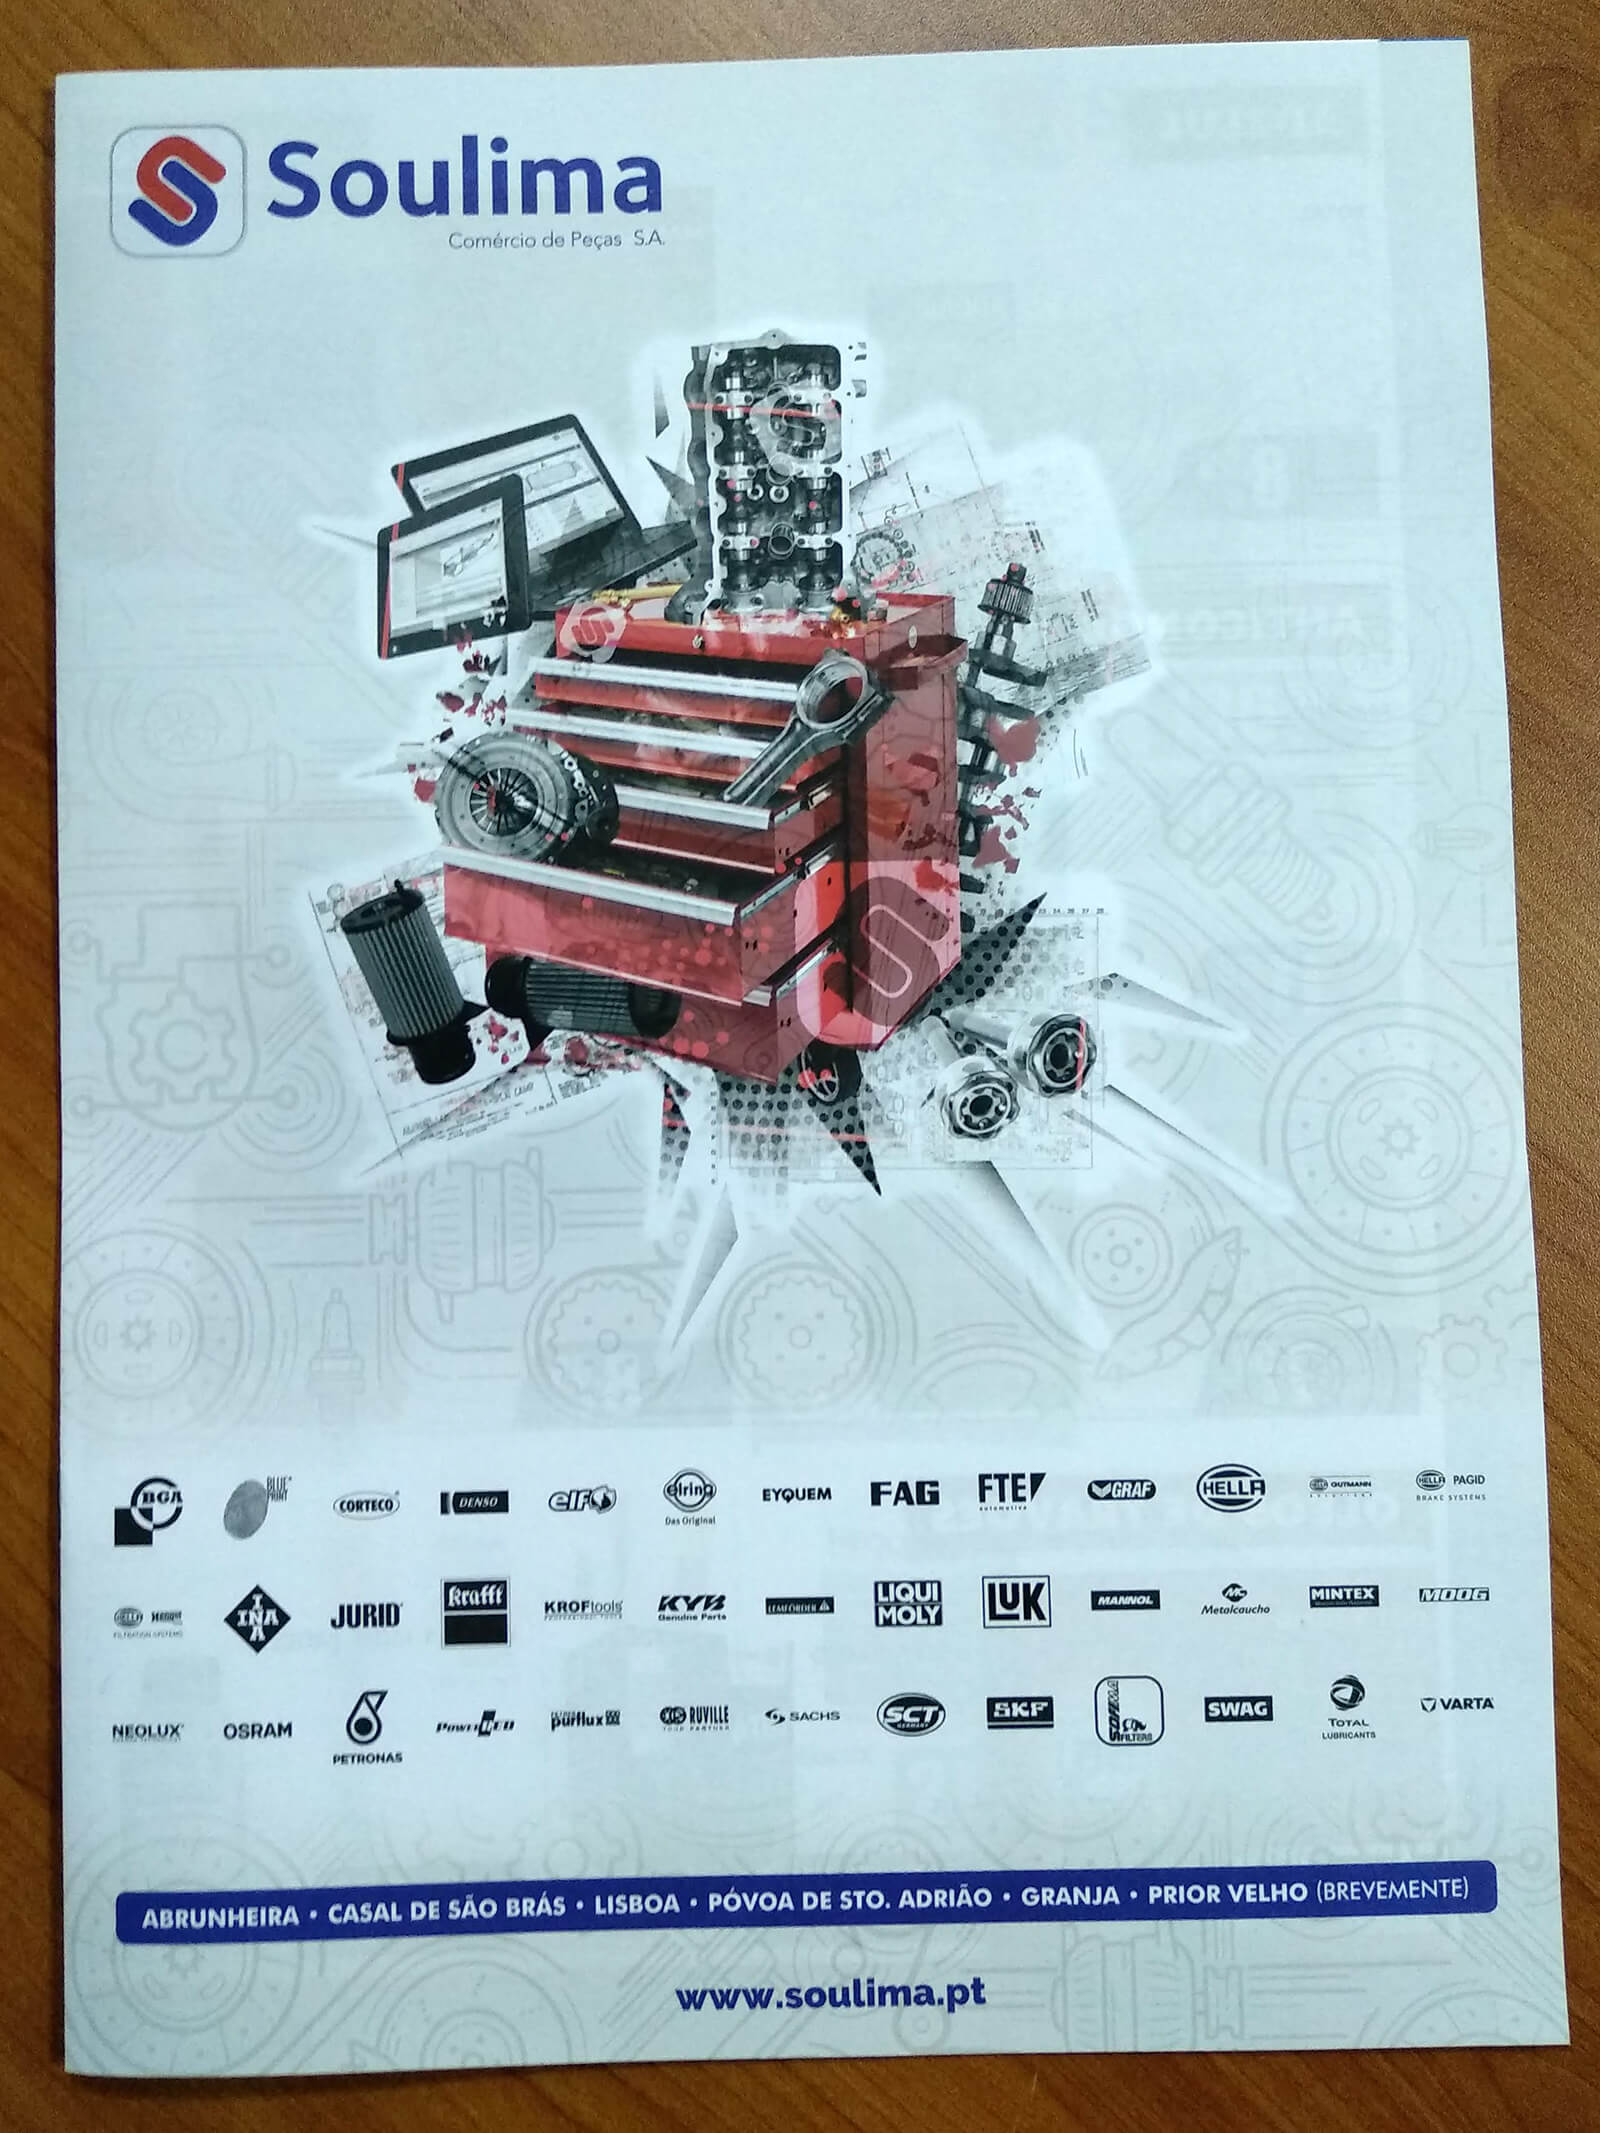 Soulima - Comércio de Peças - Folheto Impresso Soulima - Capa | Way2Start - Design & Digital Agency